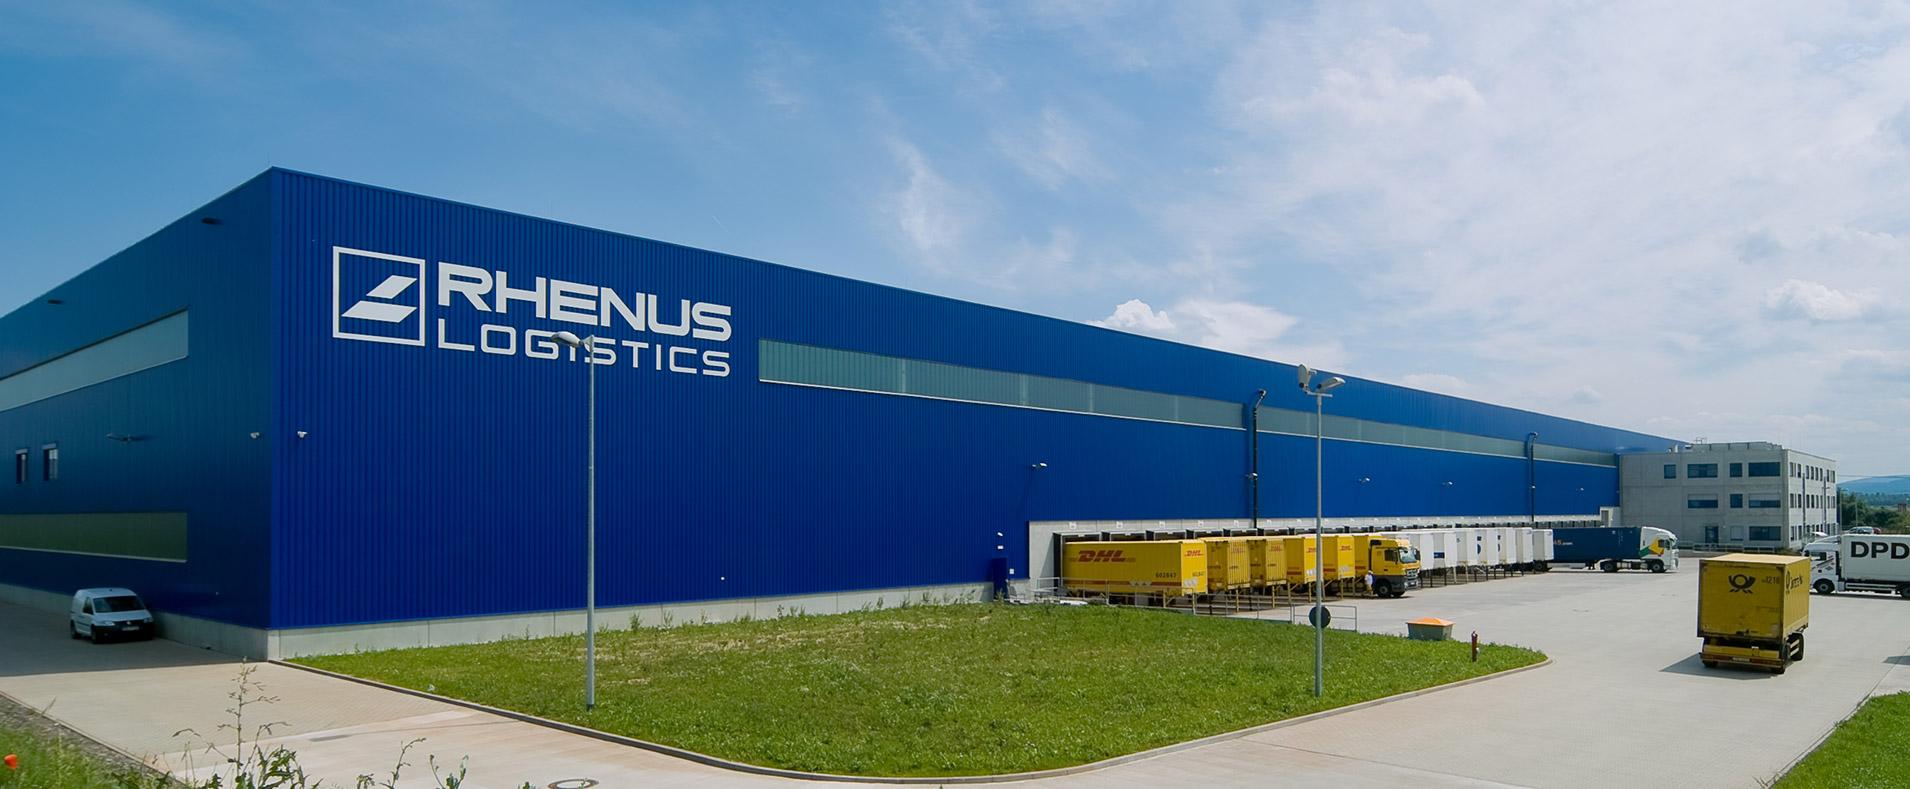 Logistik Architektur Rhenus